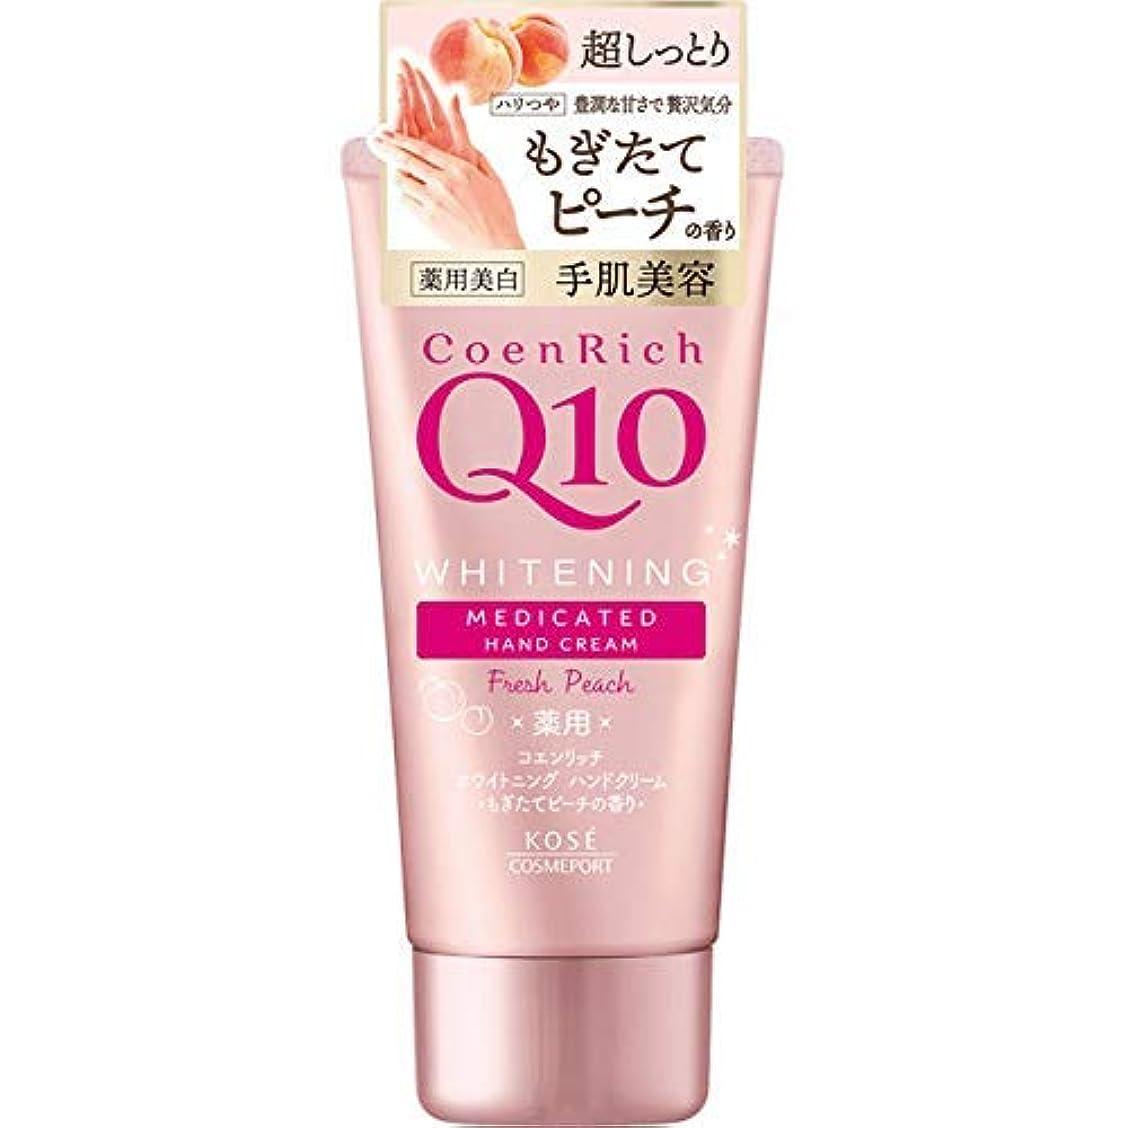 【3個セット】薬用ホワイトニング ハンドクリーム もぎたてピーチの香り 80g